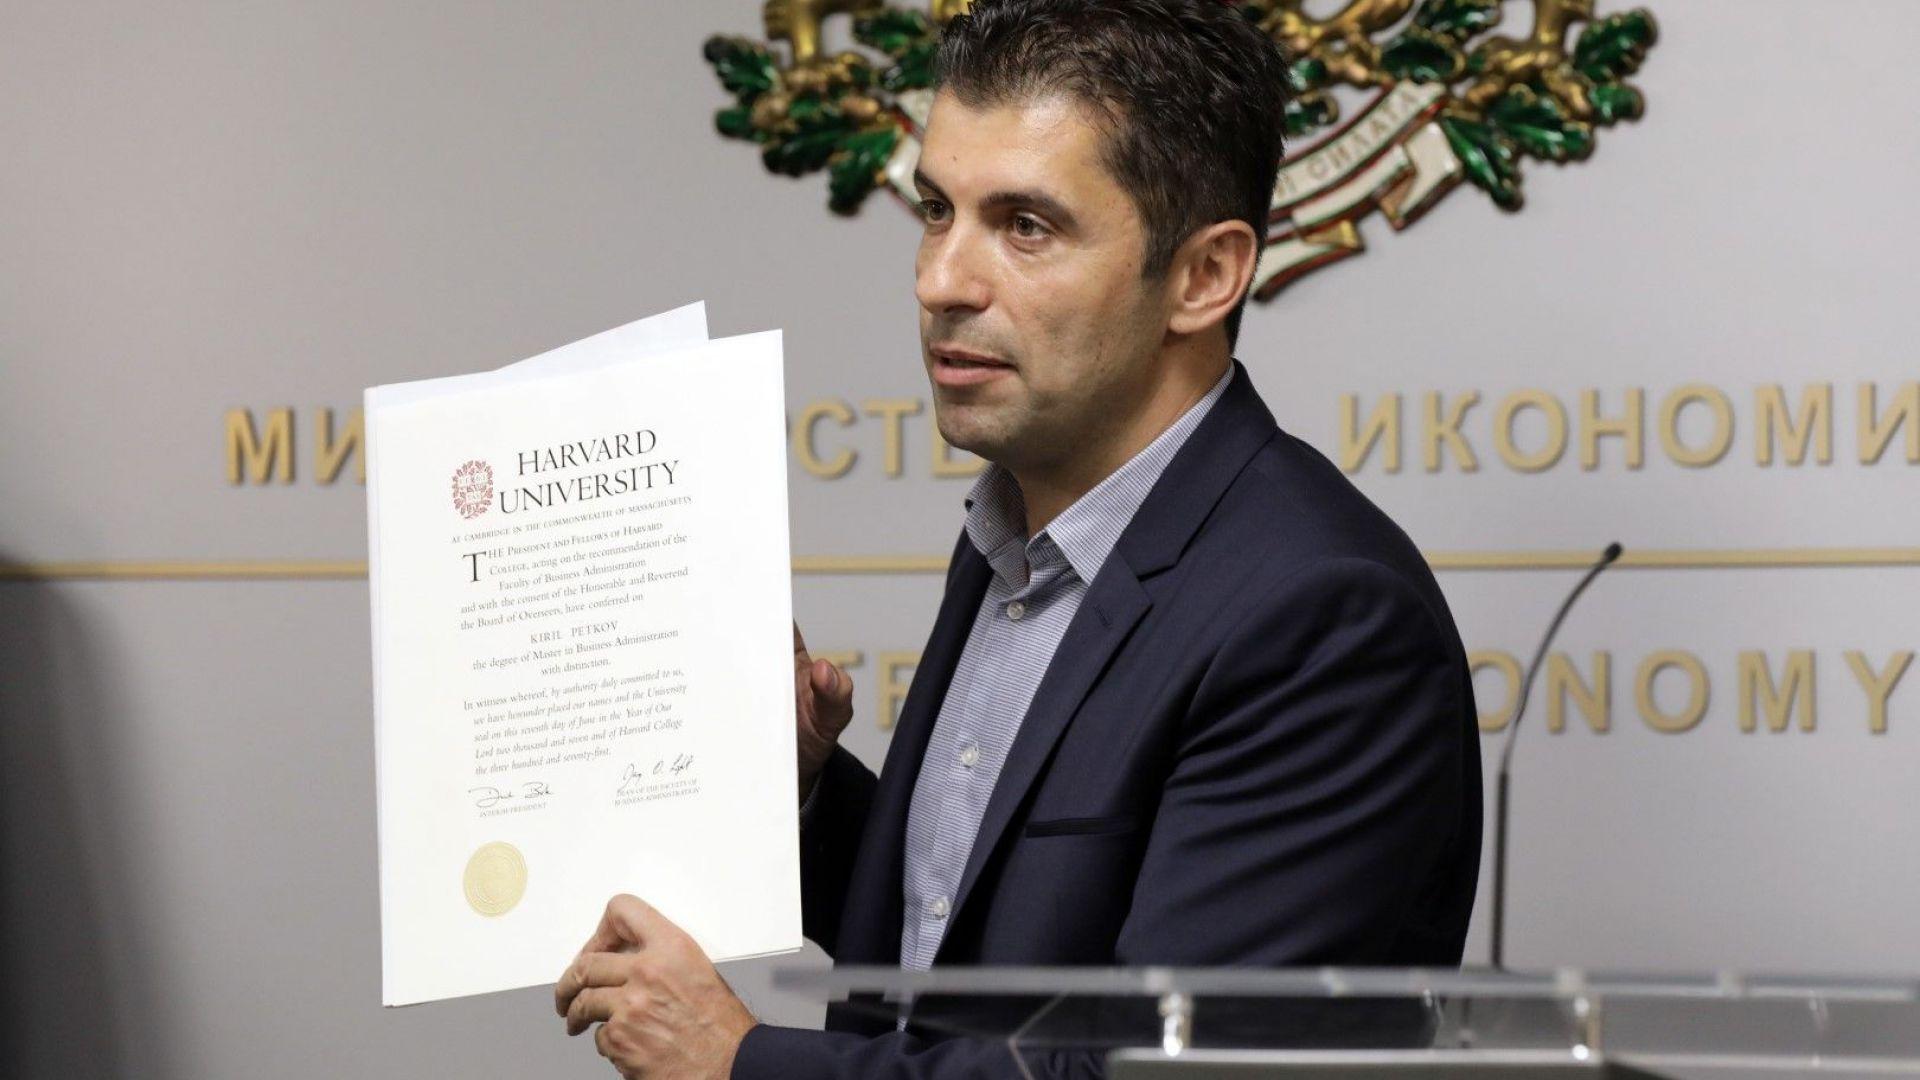 Кирил Петков си показа дипломата от Харвард